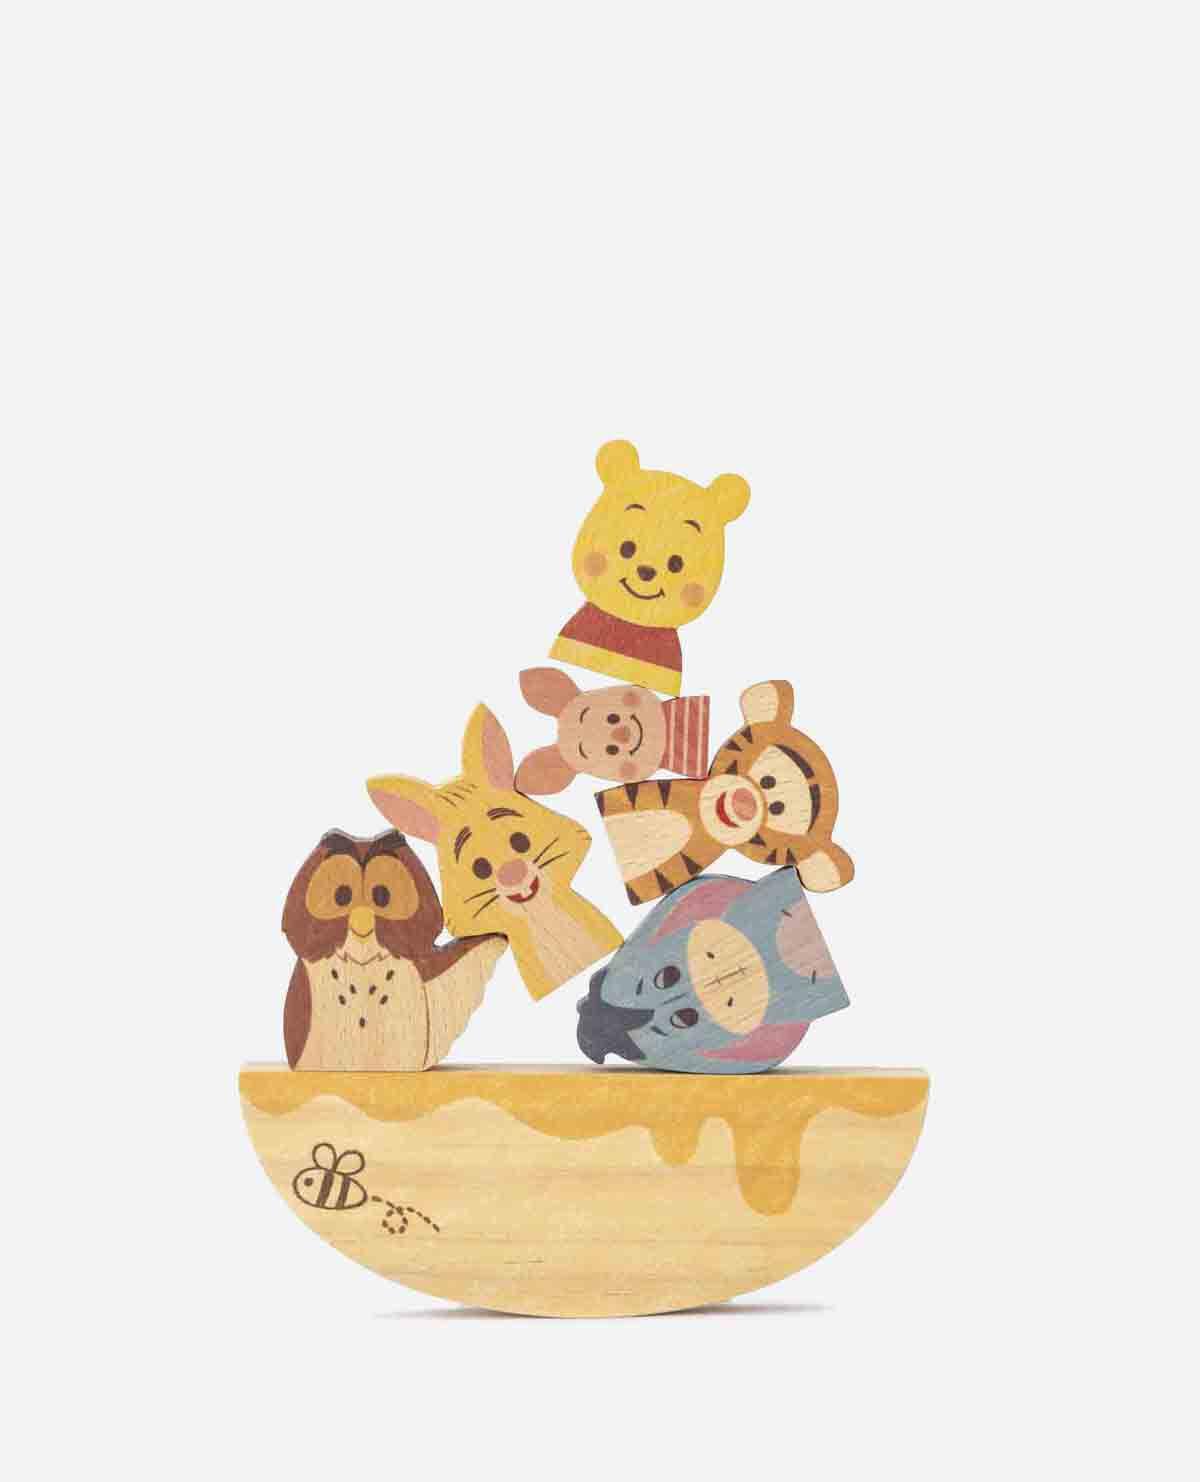 ディズニー キディア ブロック バランス ゲーム くまの プーさん となかまたち 積み木